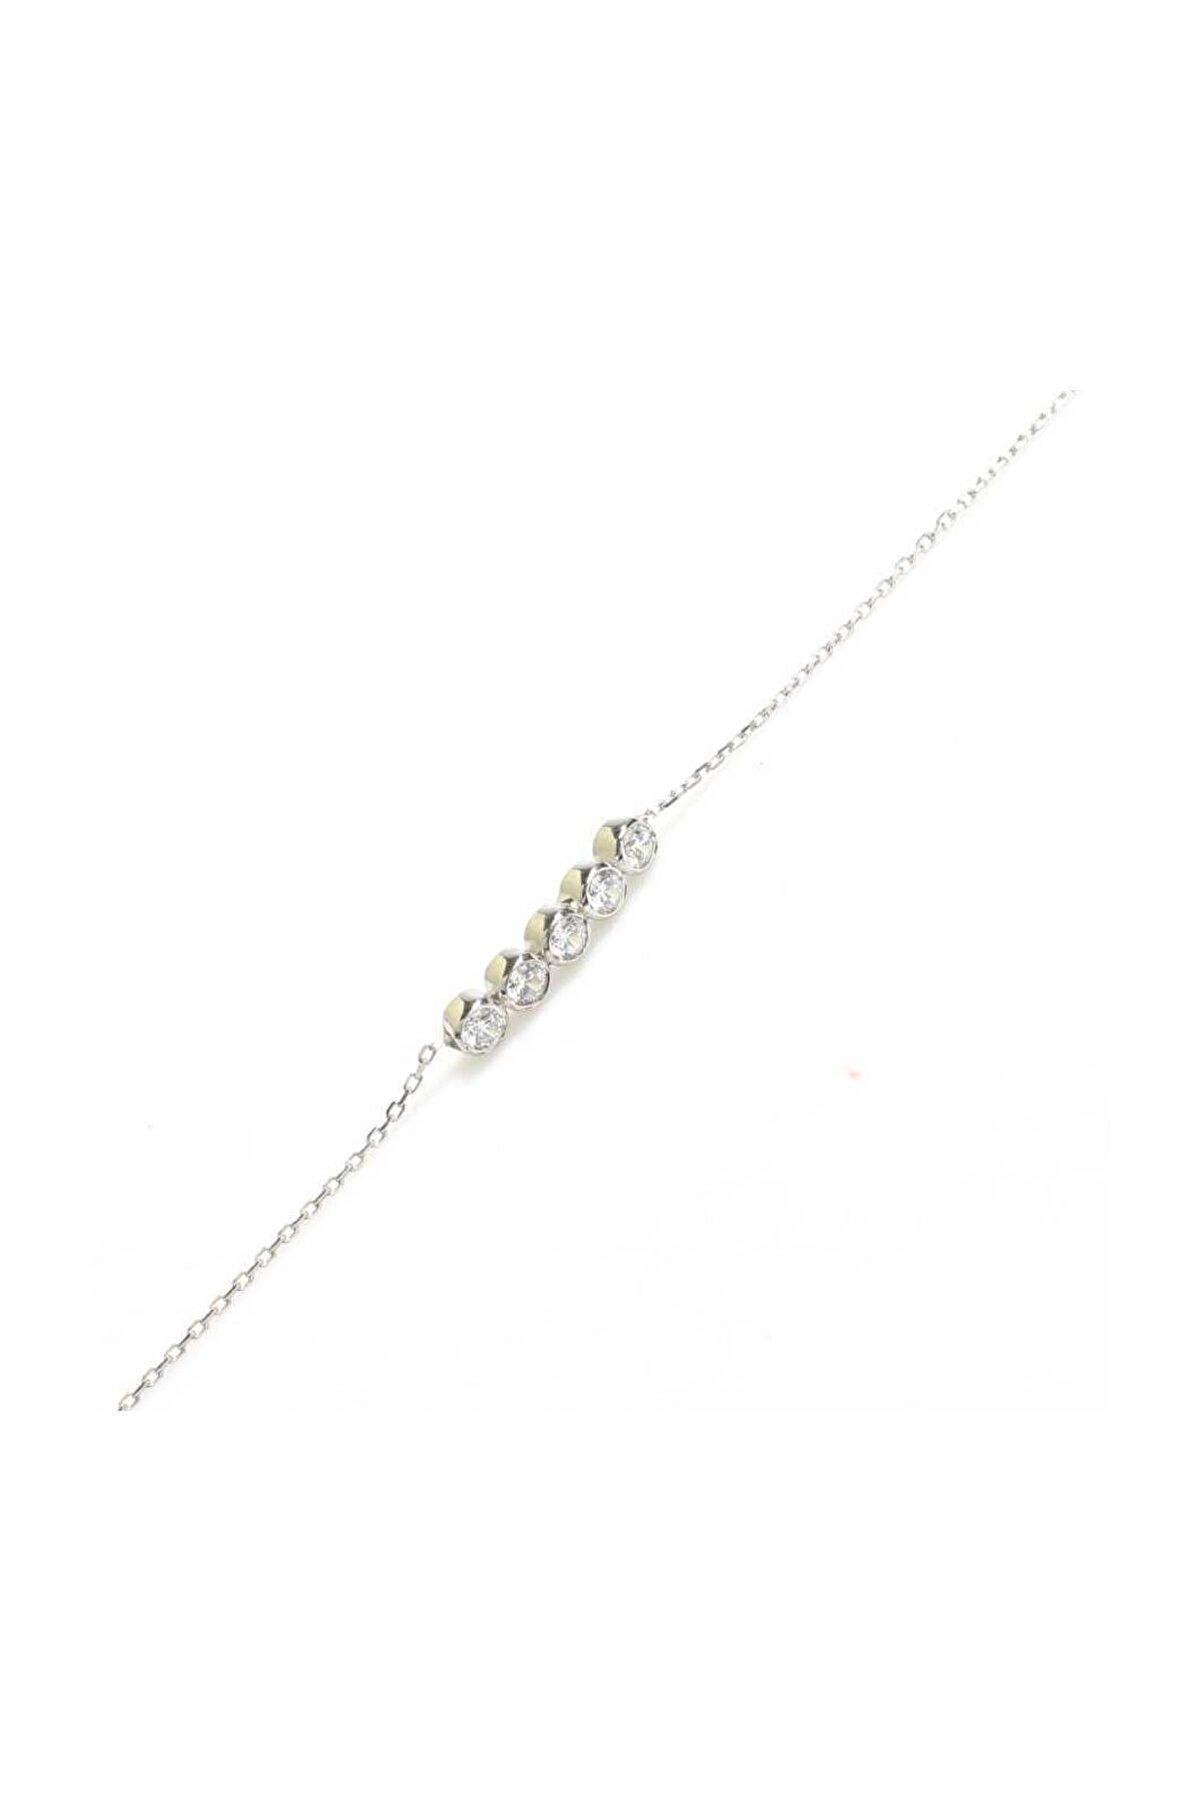 Nusret Takı 925 Ayar Gümüş Zirkon Taşlı 5 Sıra Suyolu Bileklik